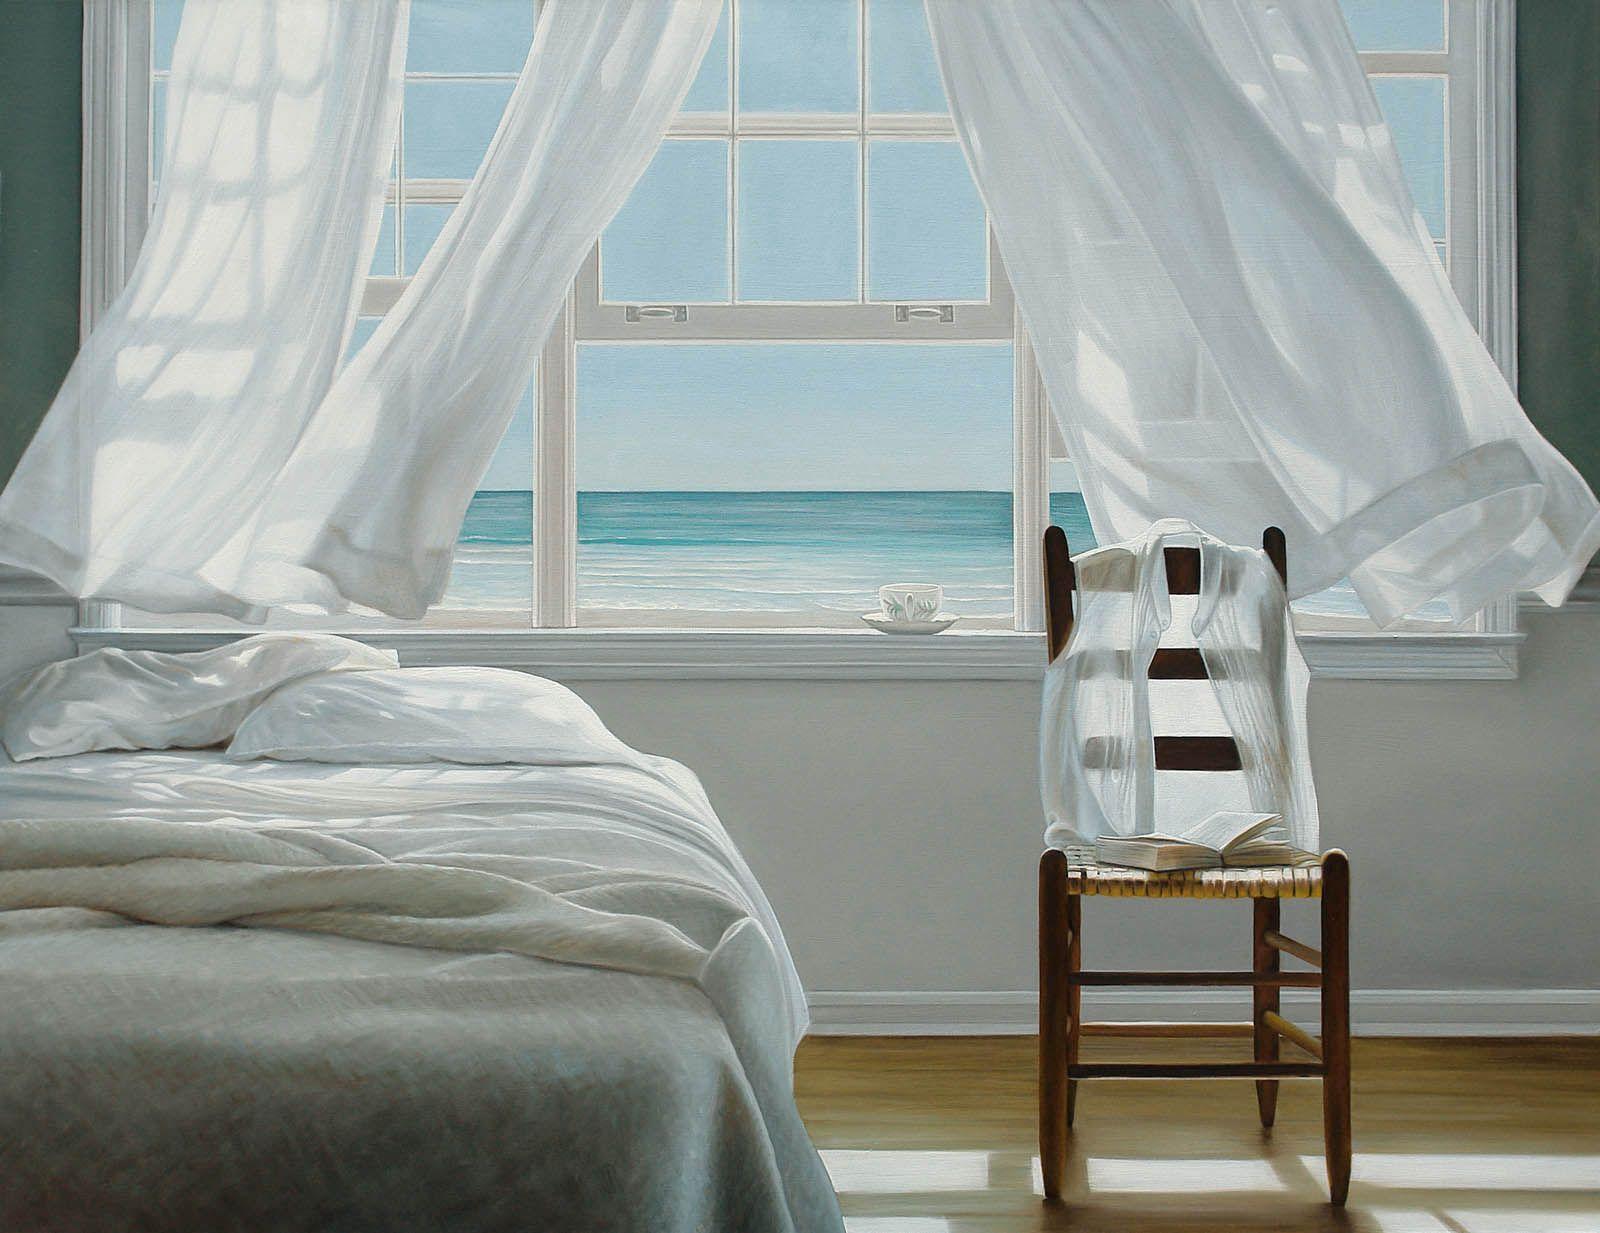 савватий картинки красивые окна с занавесками играли когтями или